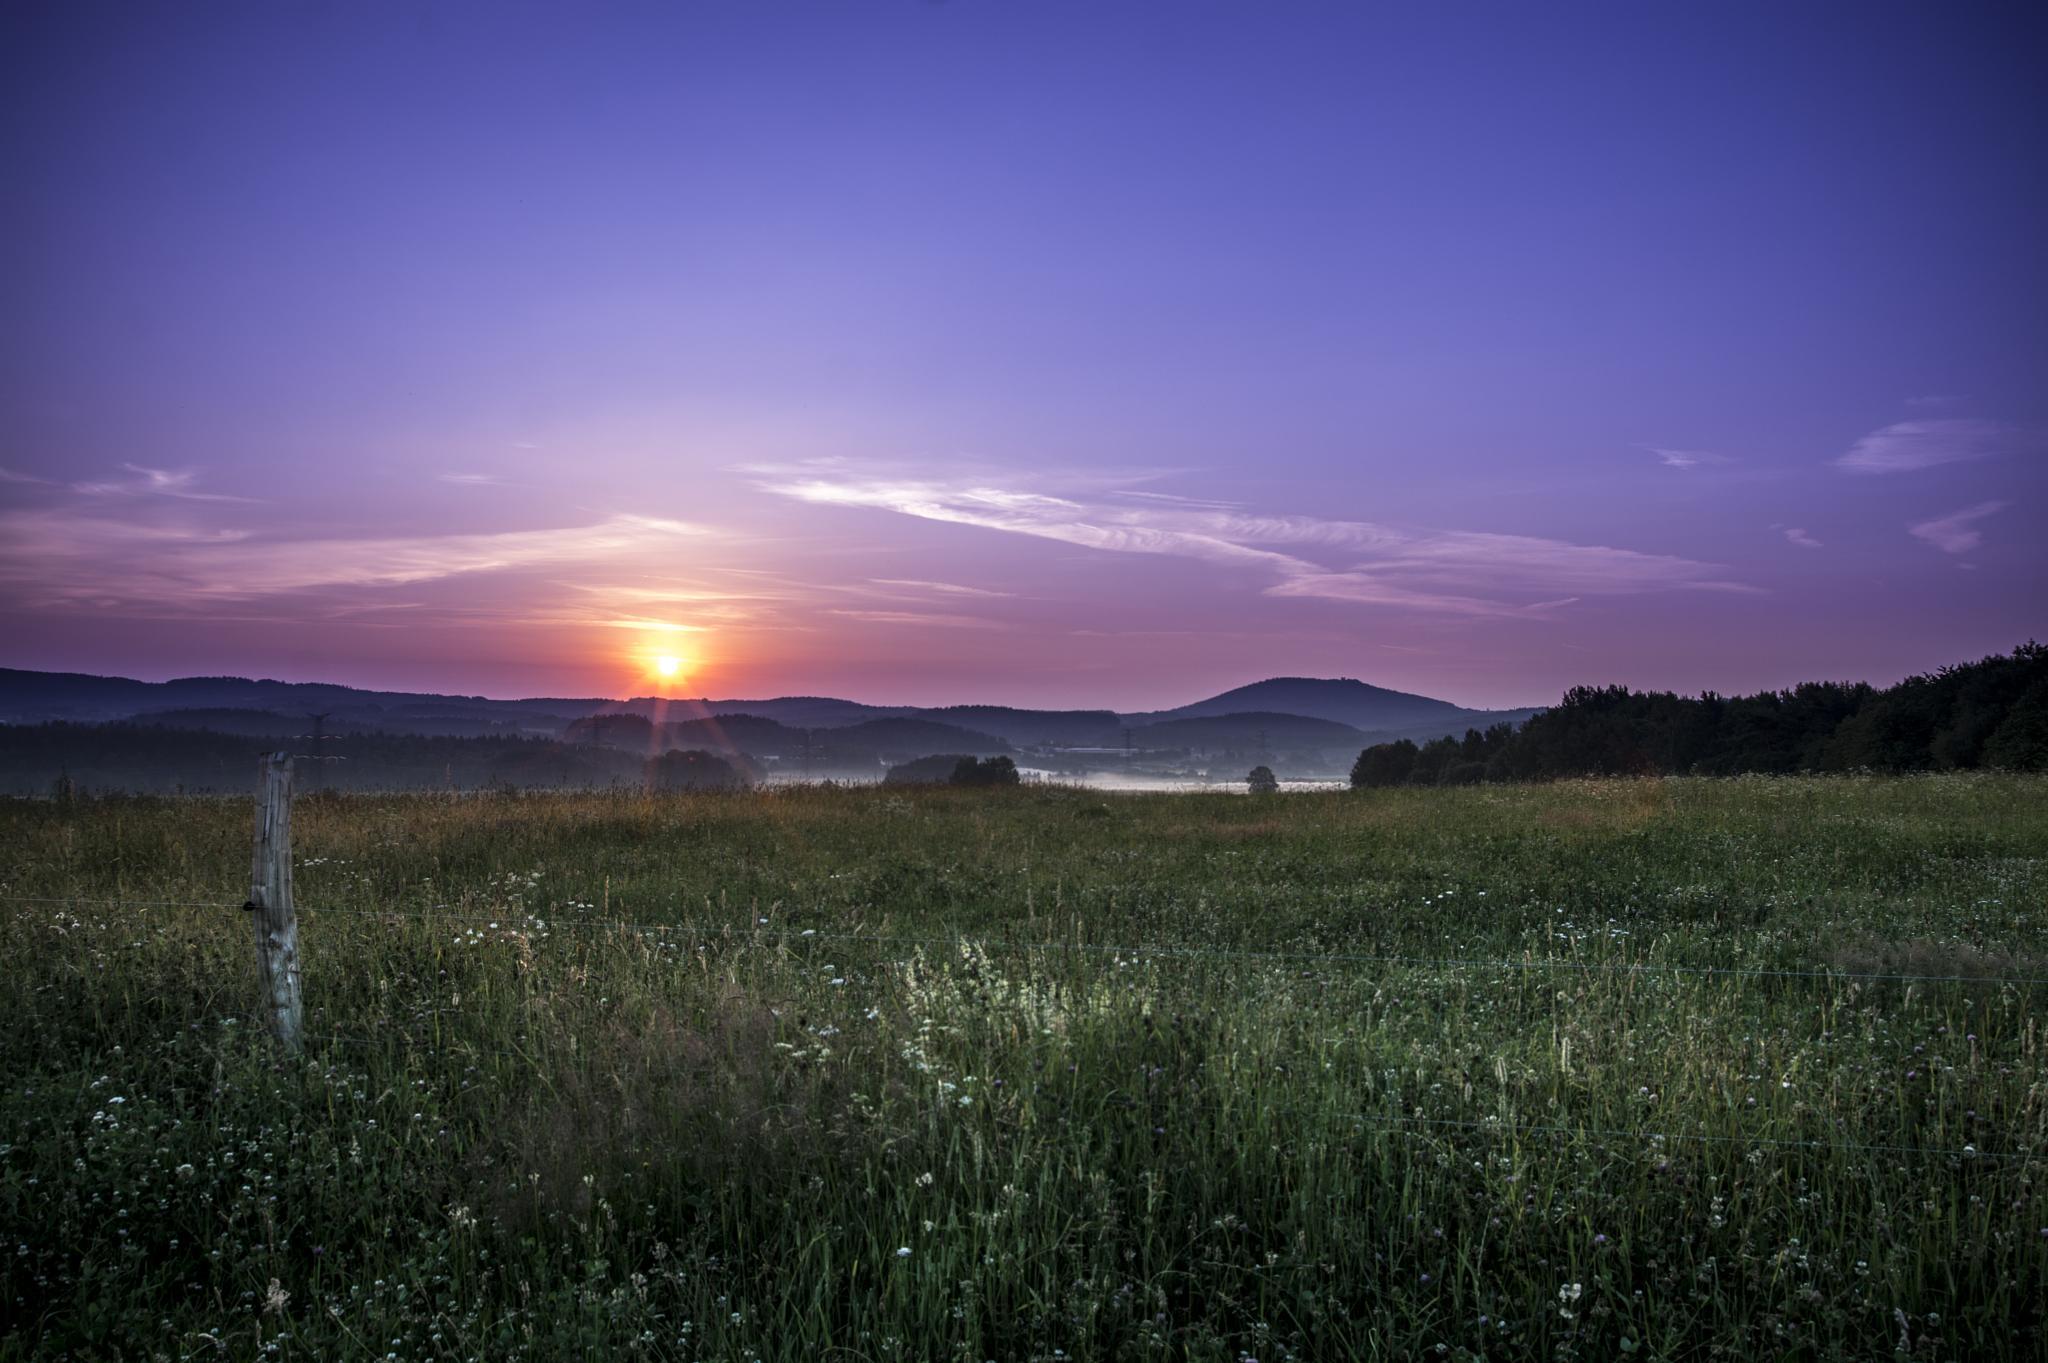 sunrise by Solaris